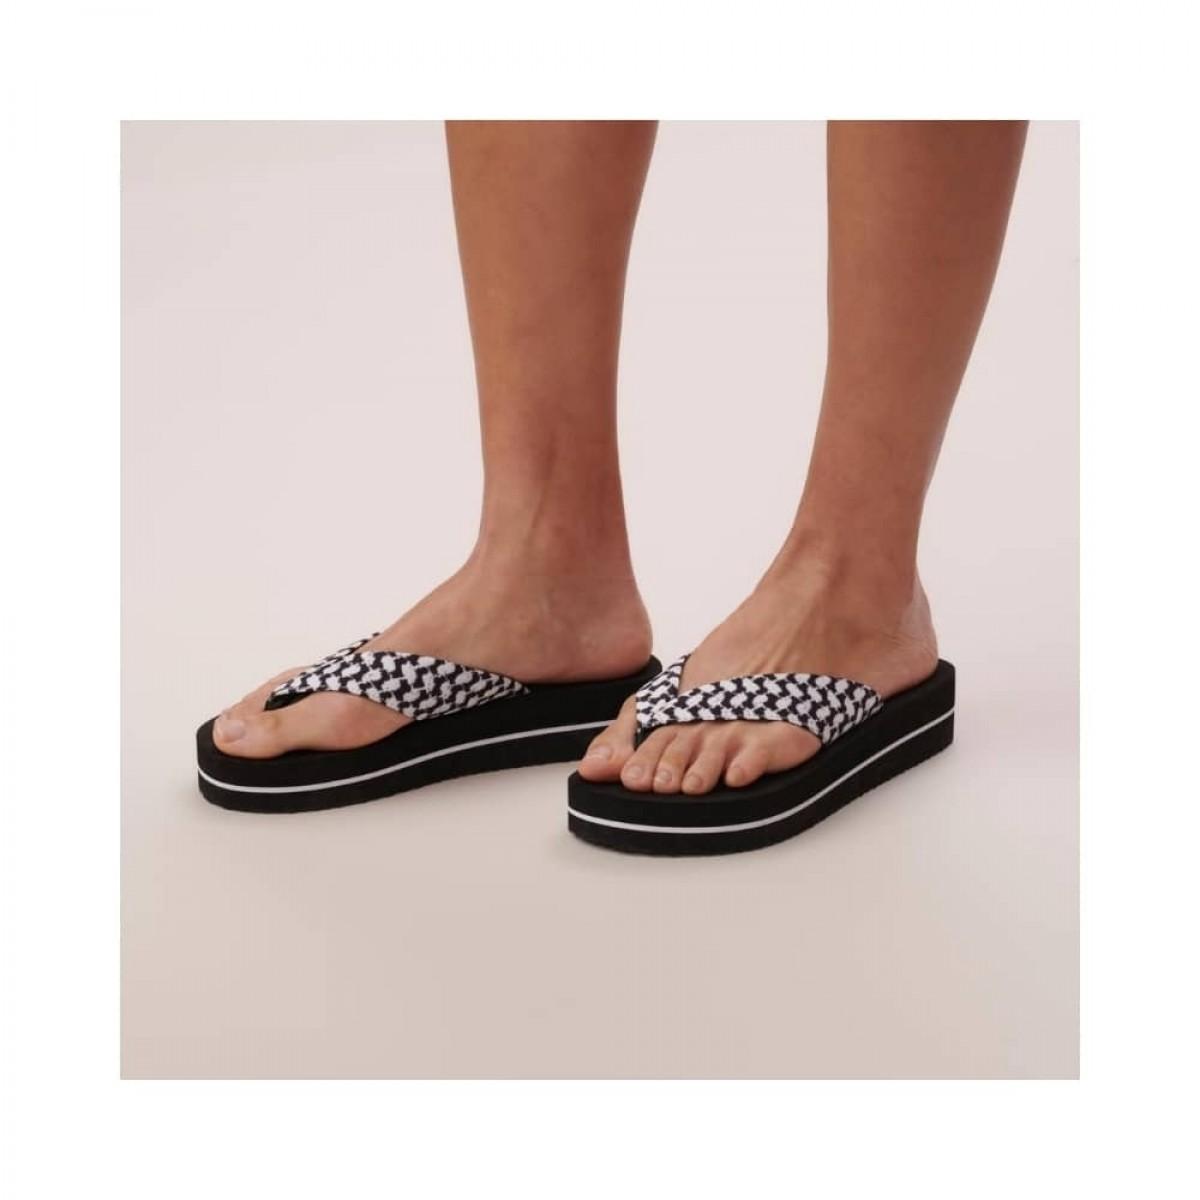 flip flops ally - black - model fra siden